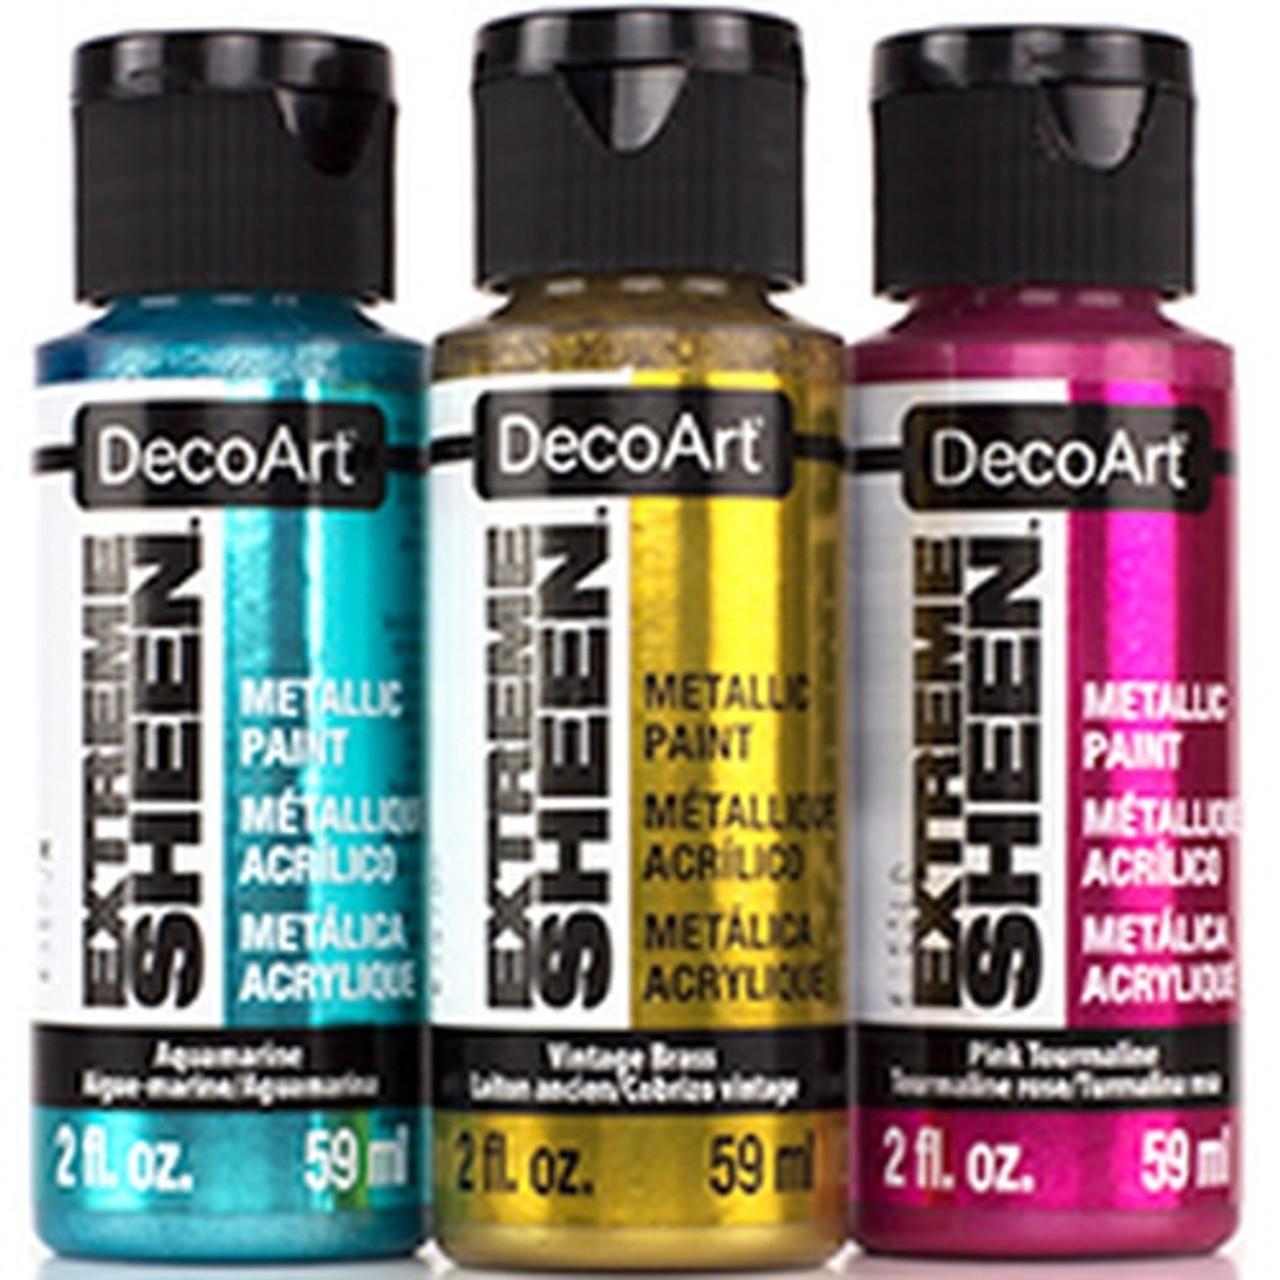 DecoArt Extreme Sheen Acrylic Paint 2oz